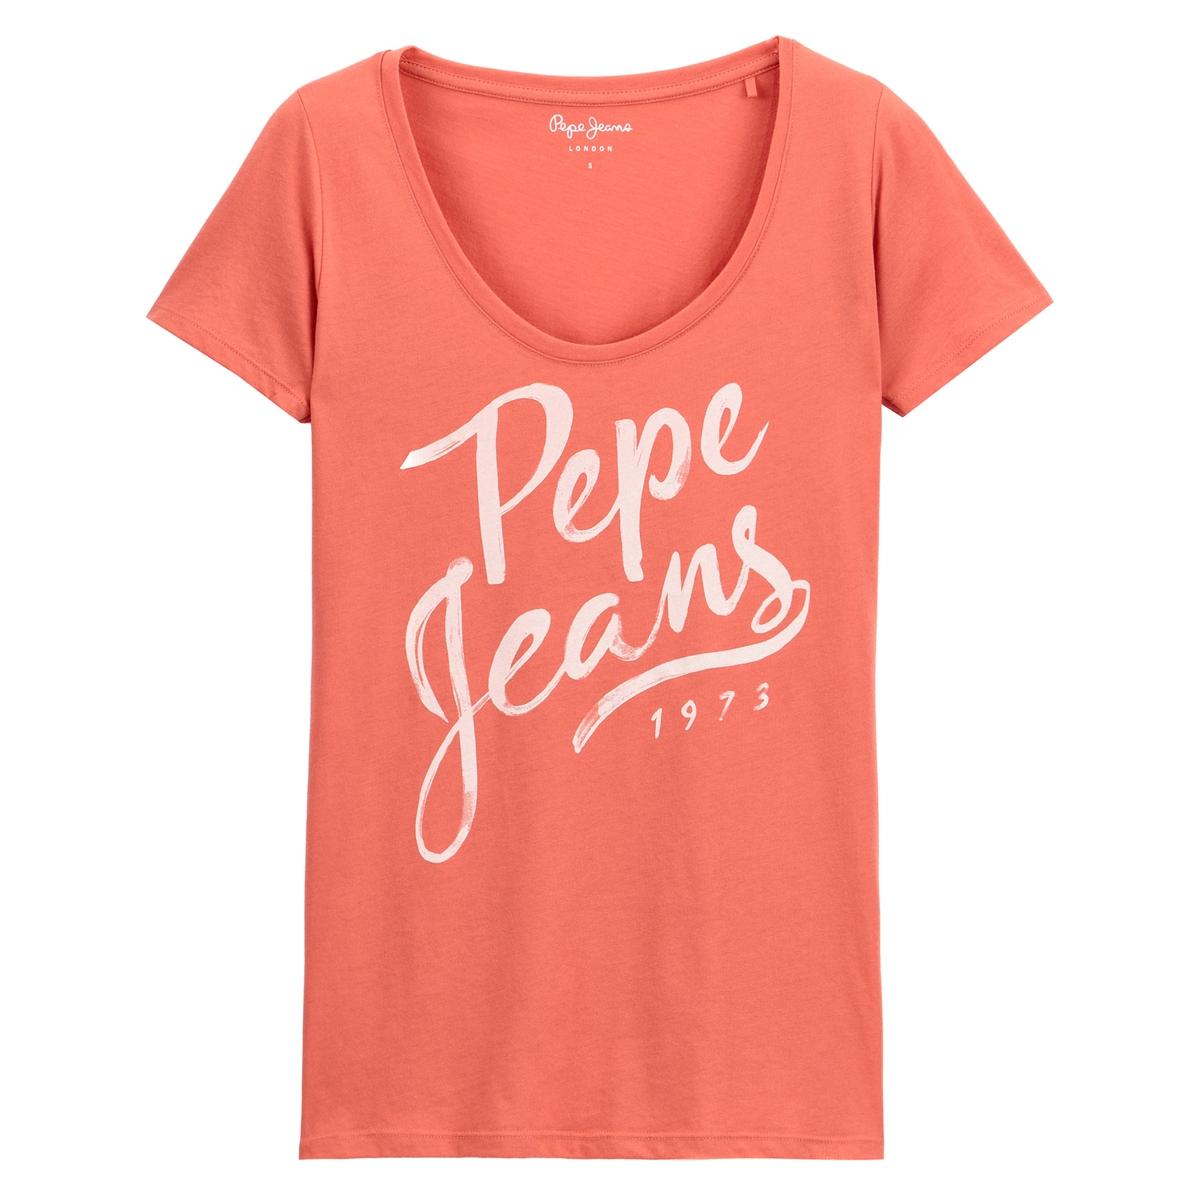 Imagen secundaria de producto de Camiseta con cuello redondo estampado delante Andrea - Pepe Jeans